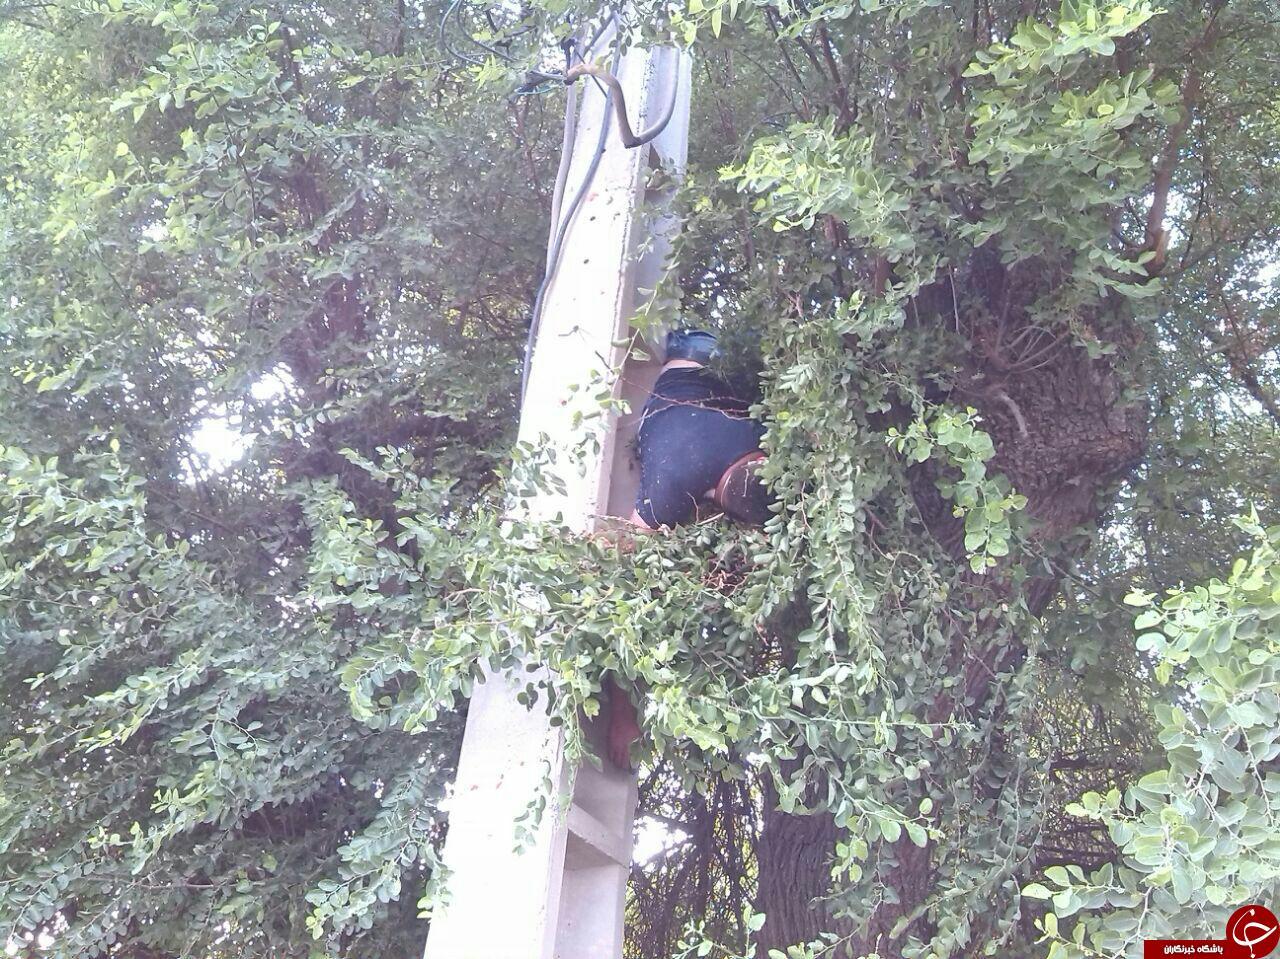 برق گرفتگی هولناک بر روی درخت! + تصاویر